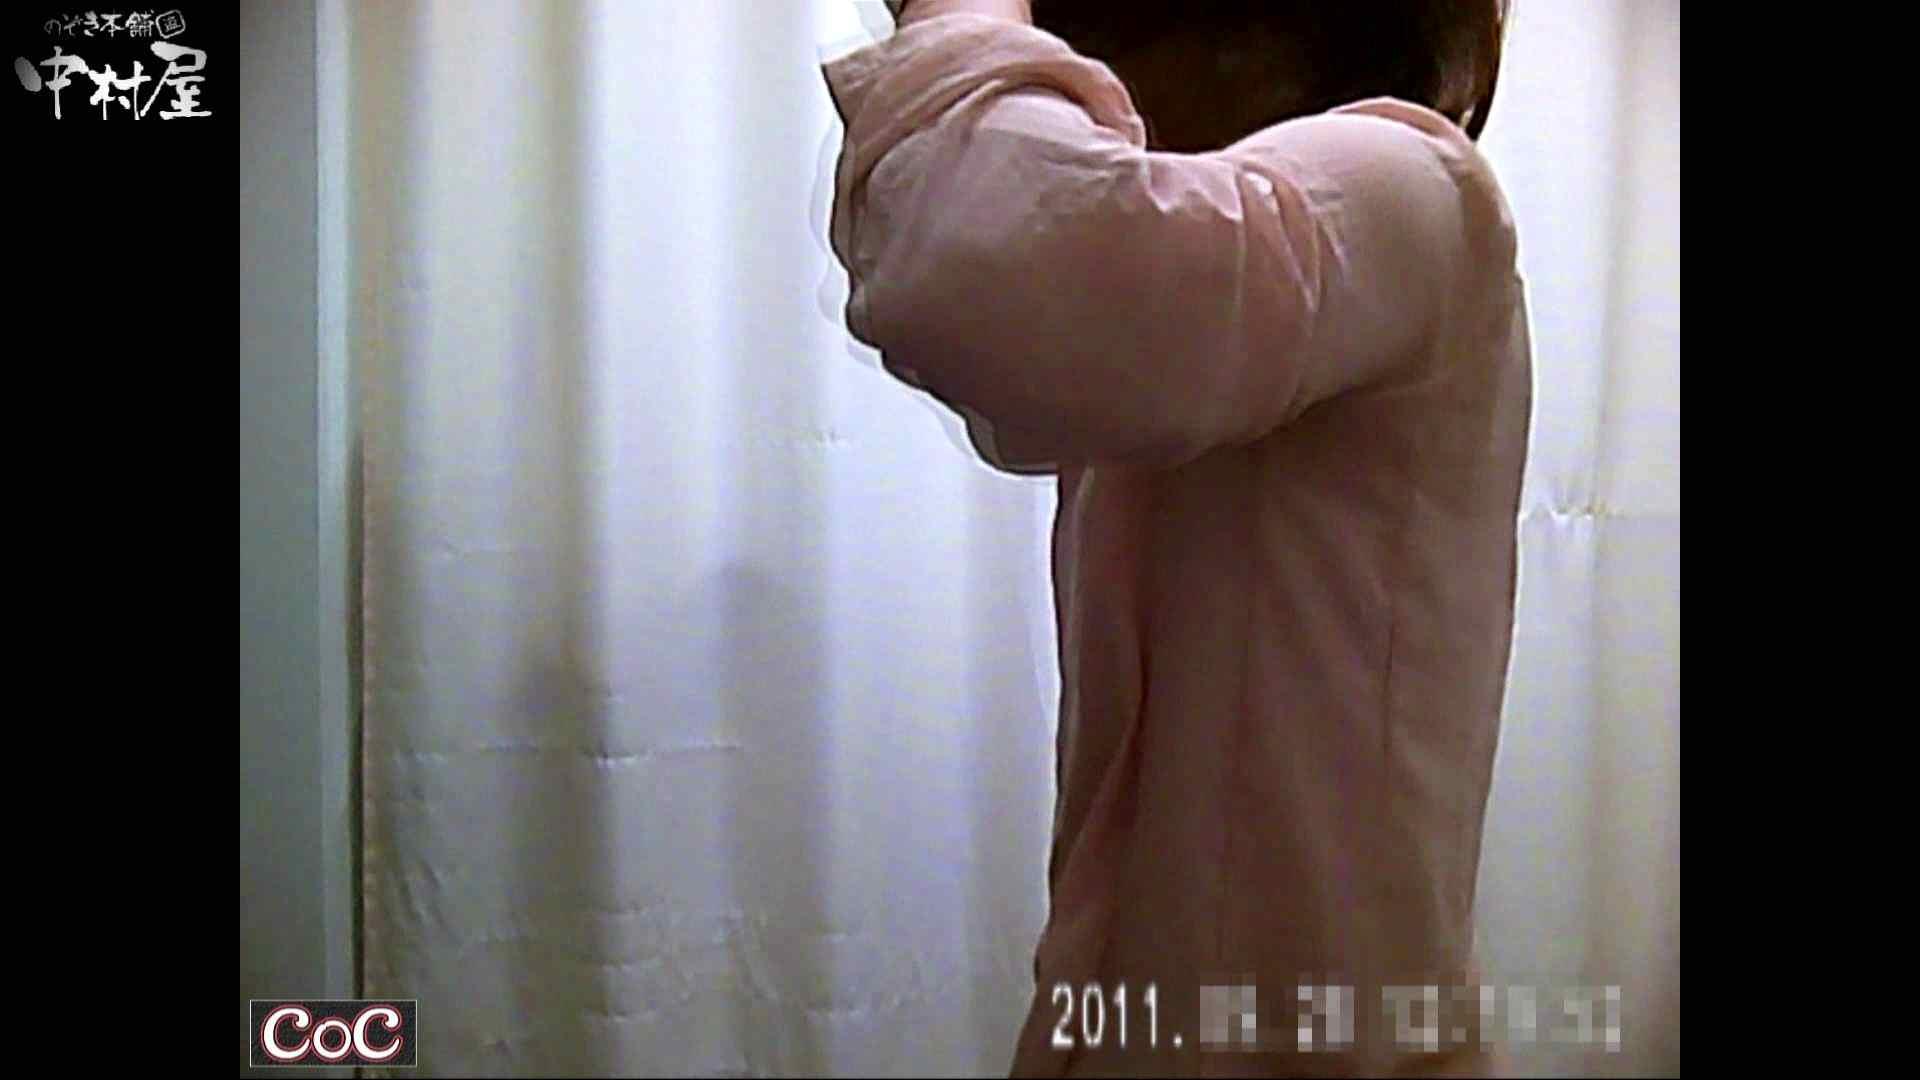 激ヤバ健康診断!着替えの一部始終.vol.41※本編ボカシ・目線無し 裸体 ワレメ動画紹介 11pic 10